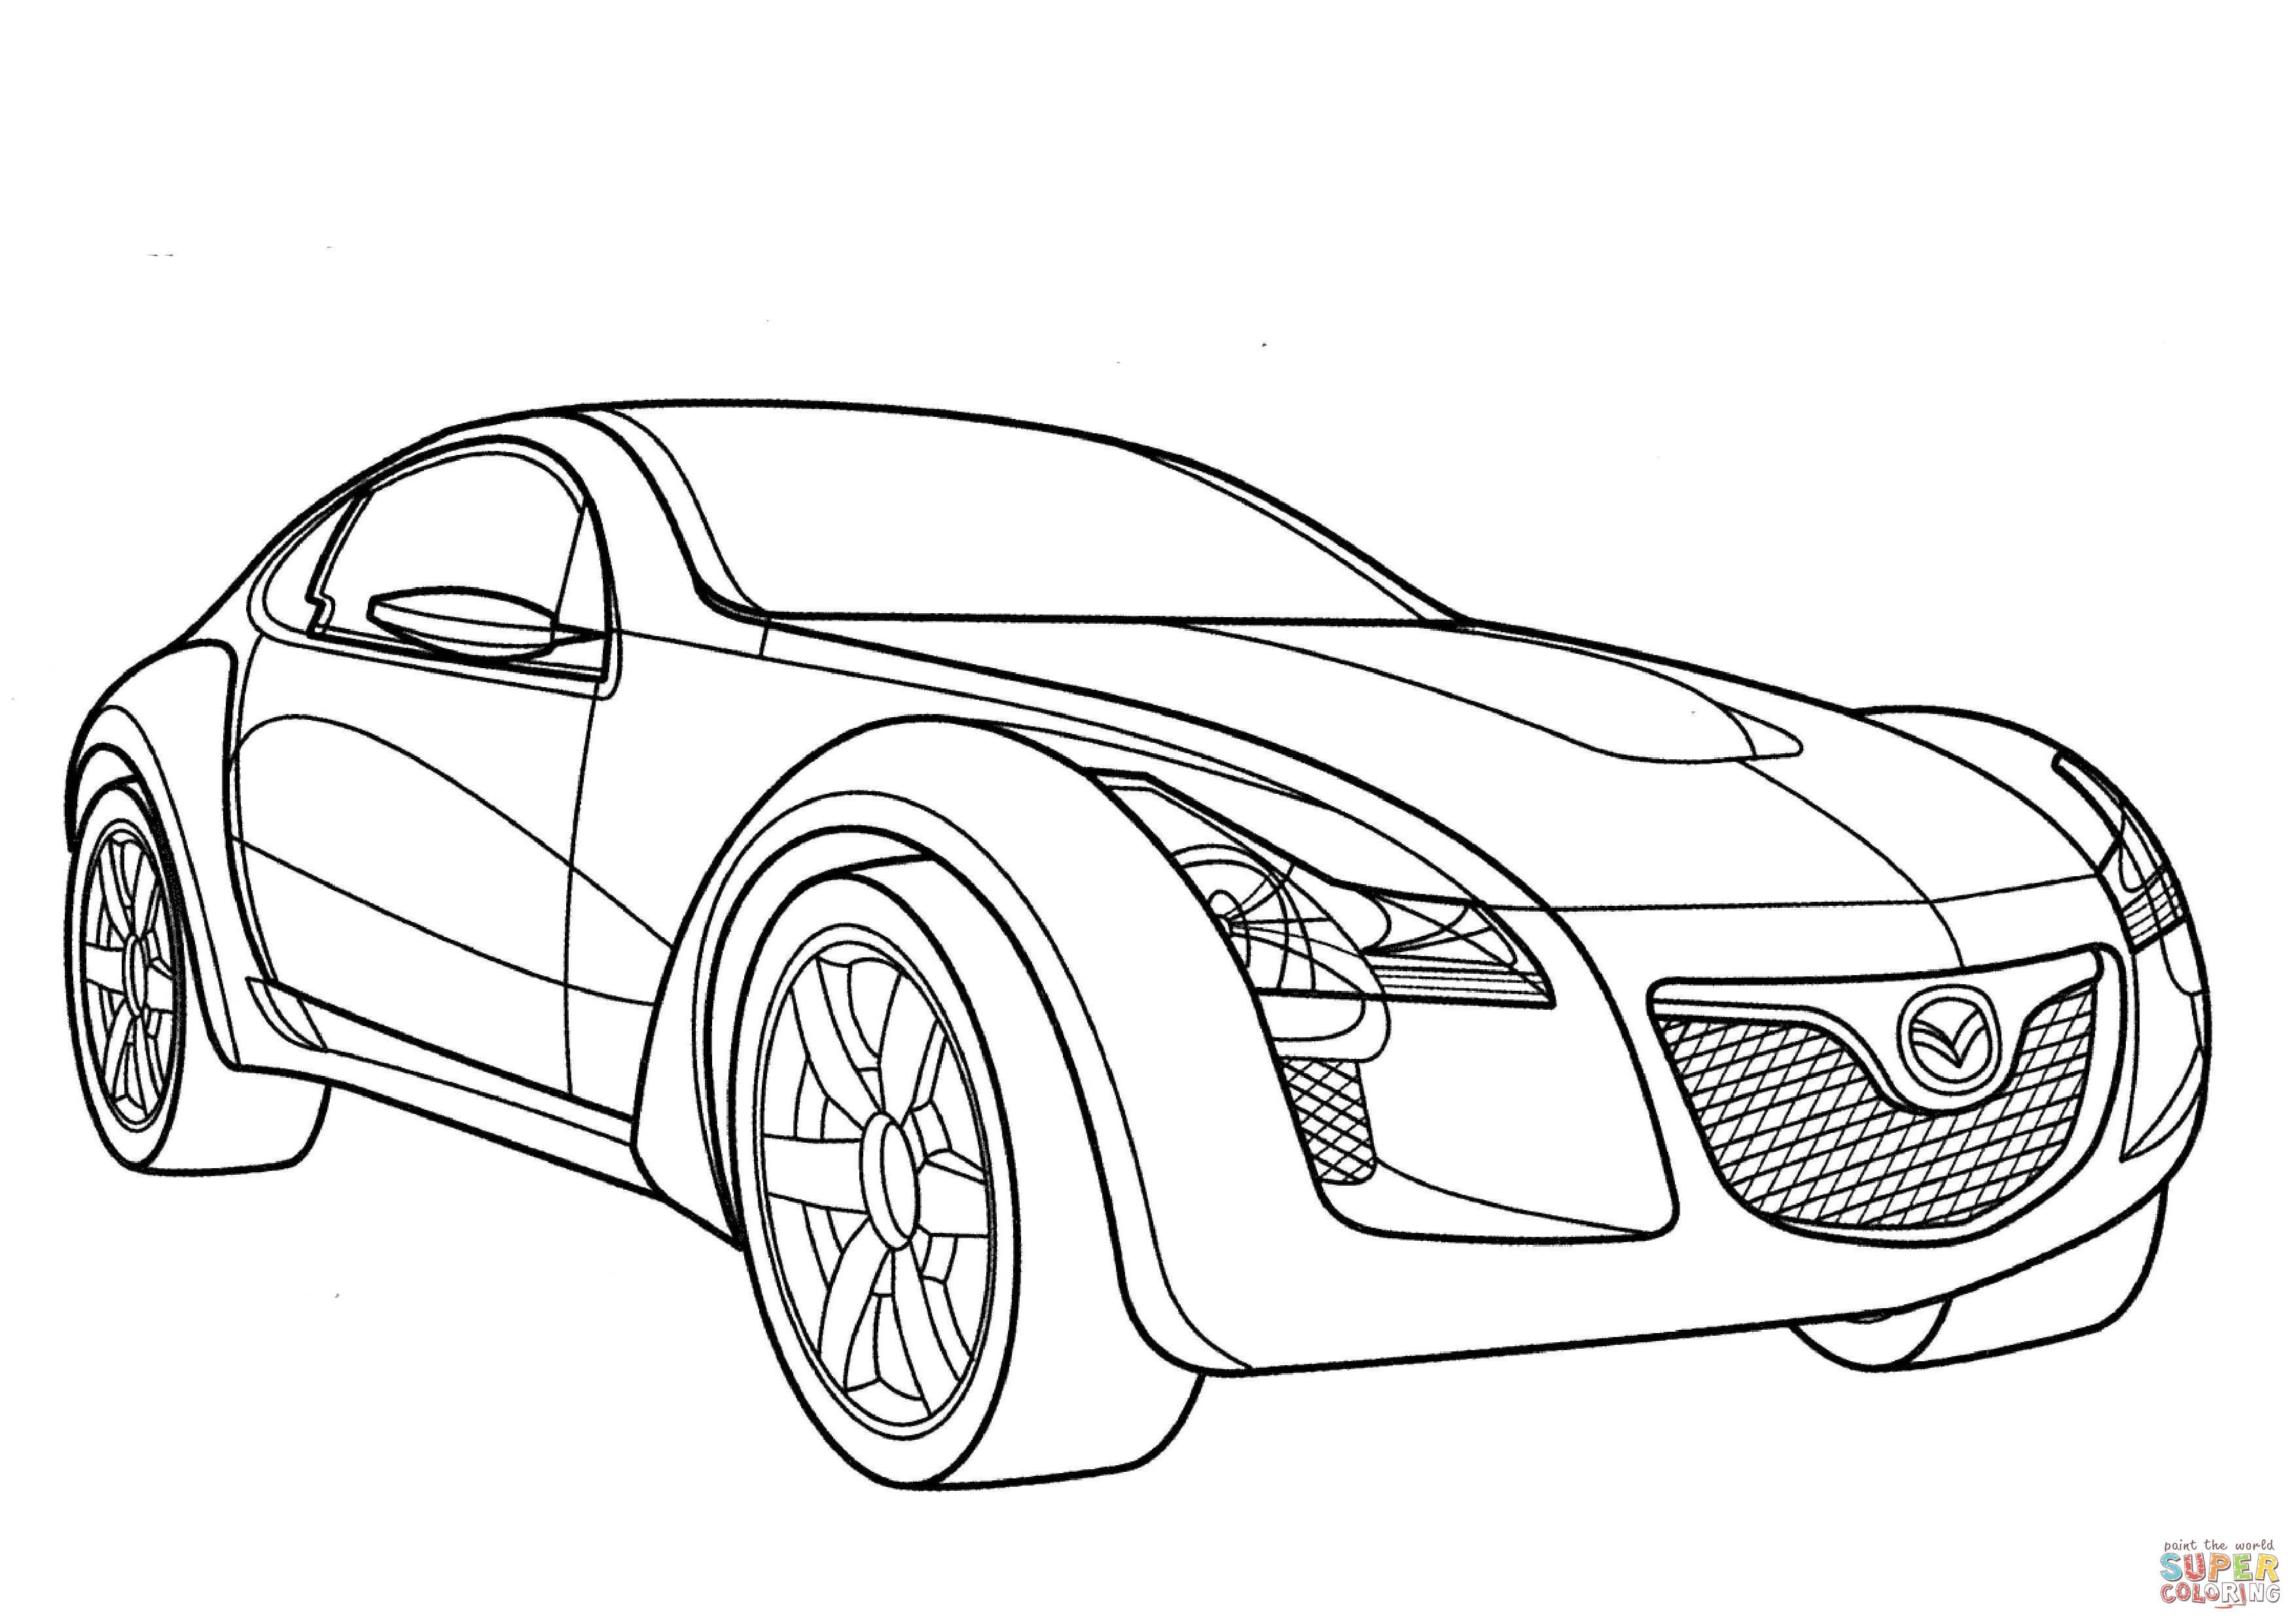 Mazda Kabura Coloring Page